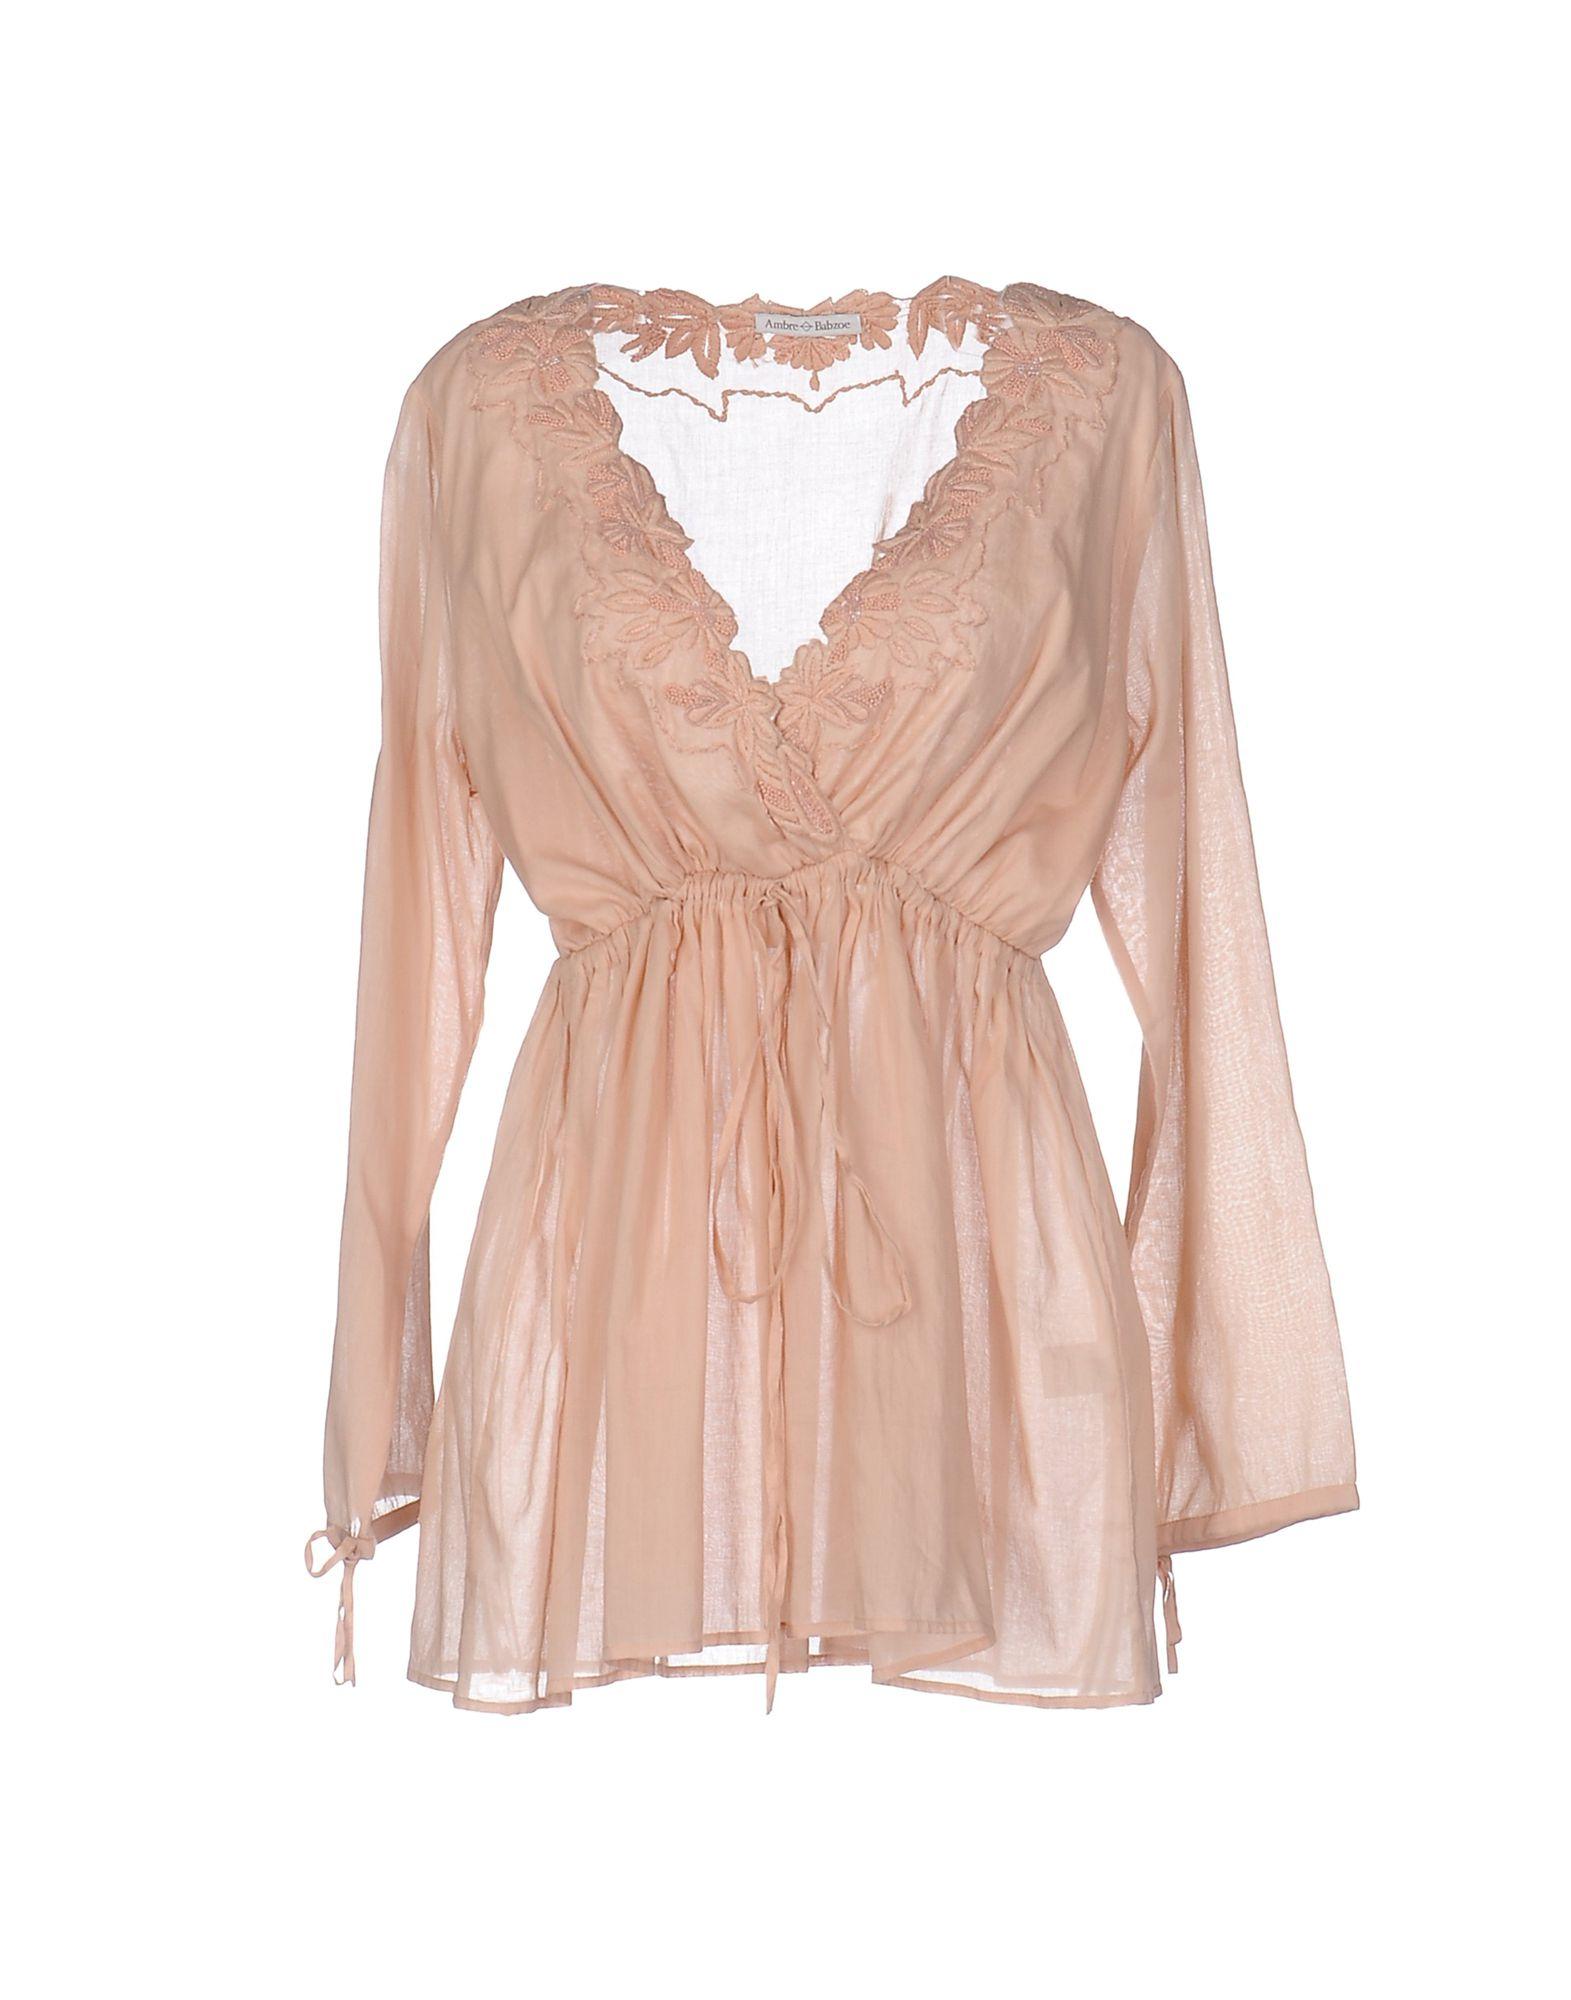 где купить AMBRE BABZOE Блузка по лучшей цене